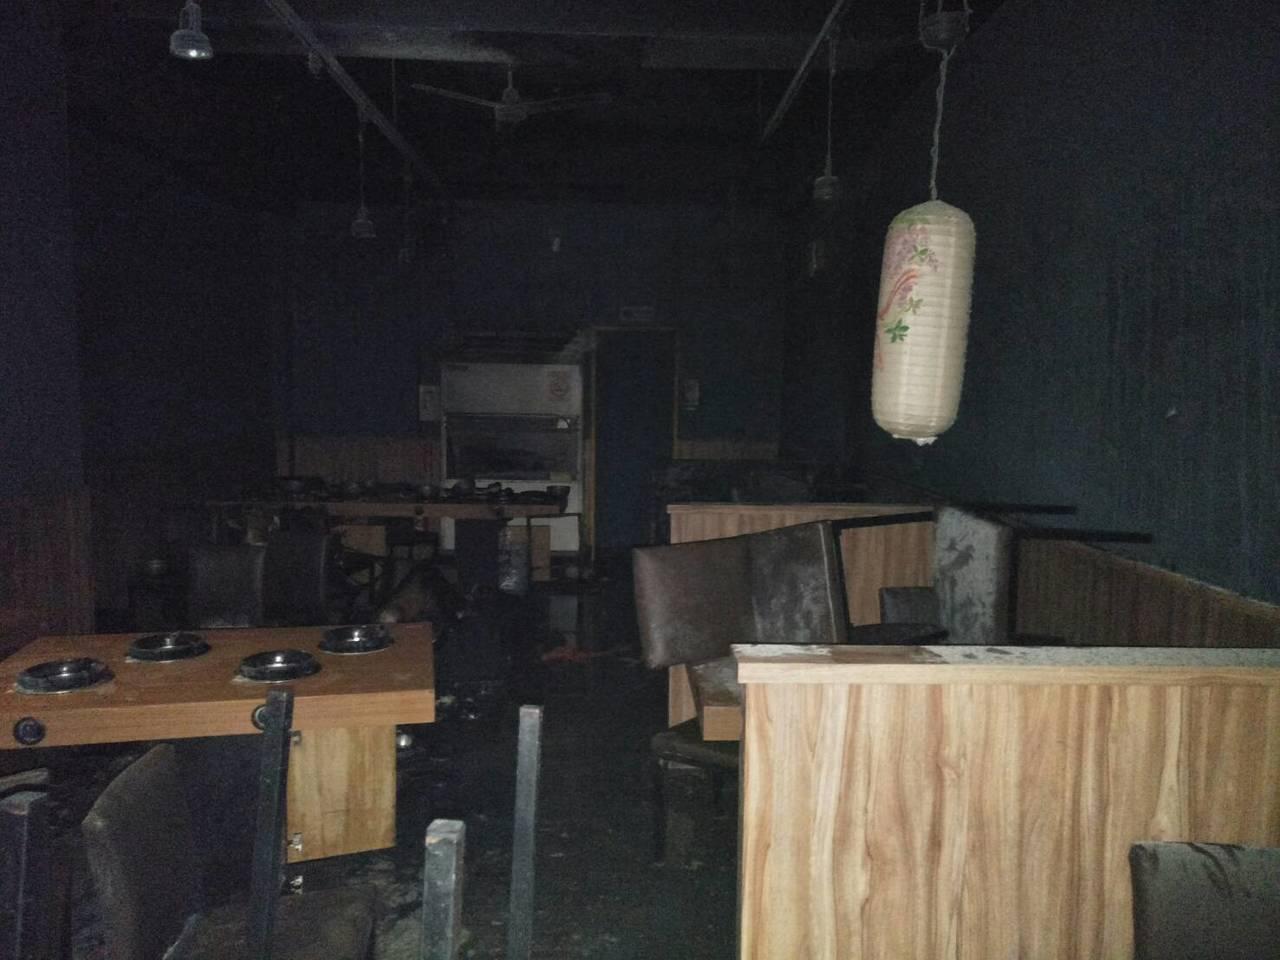 彰化縣溪湖鎮不銠鍋餐廳今晚6時發生氣爆案,造成7人受傷,火滅後,店內一片混亂。圖...